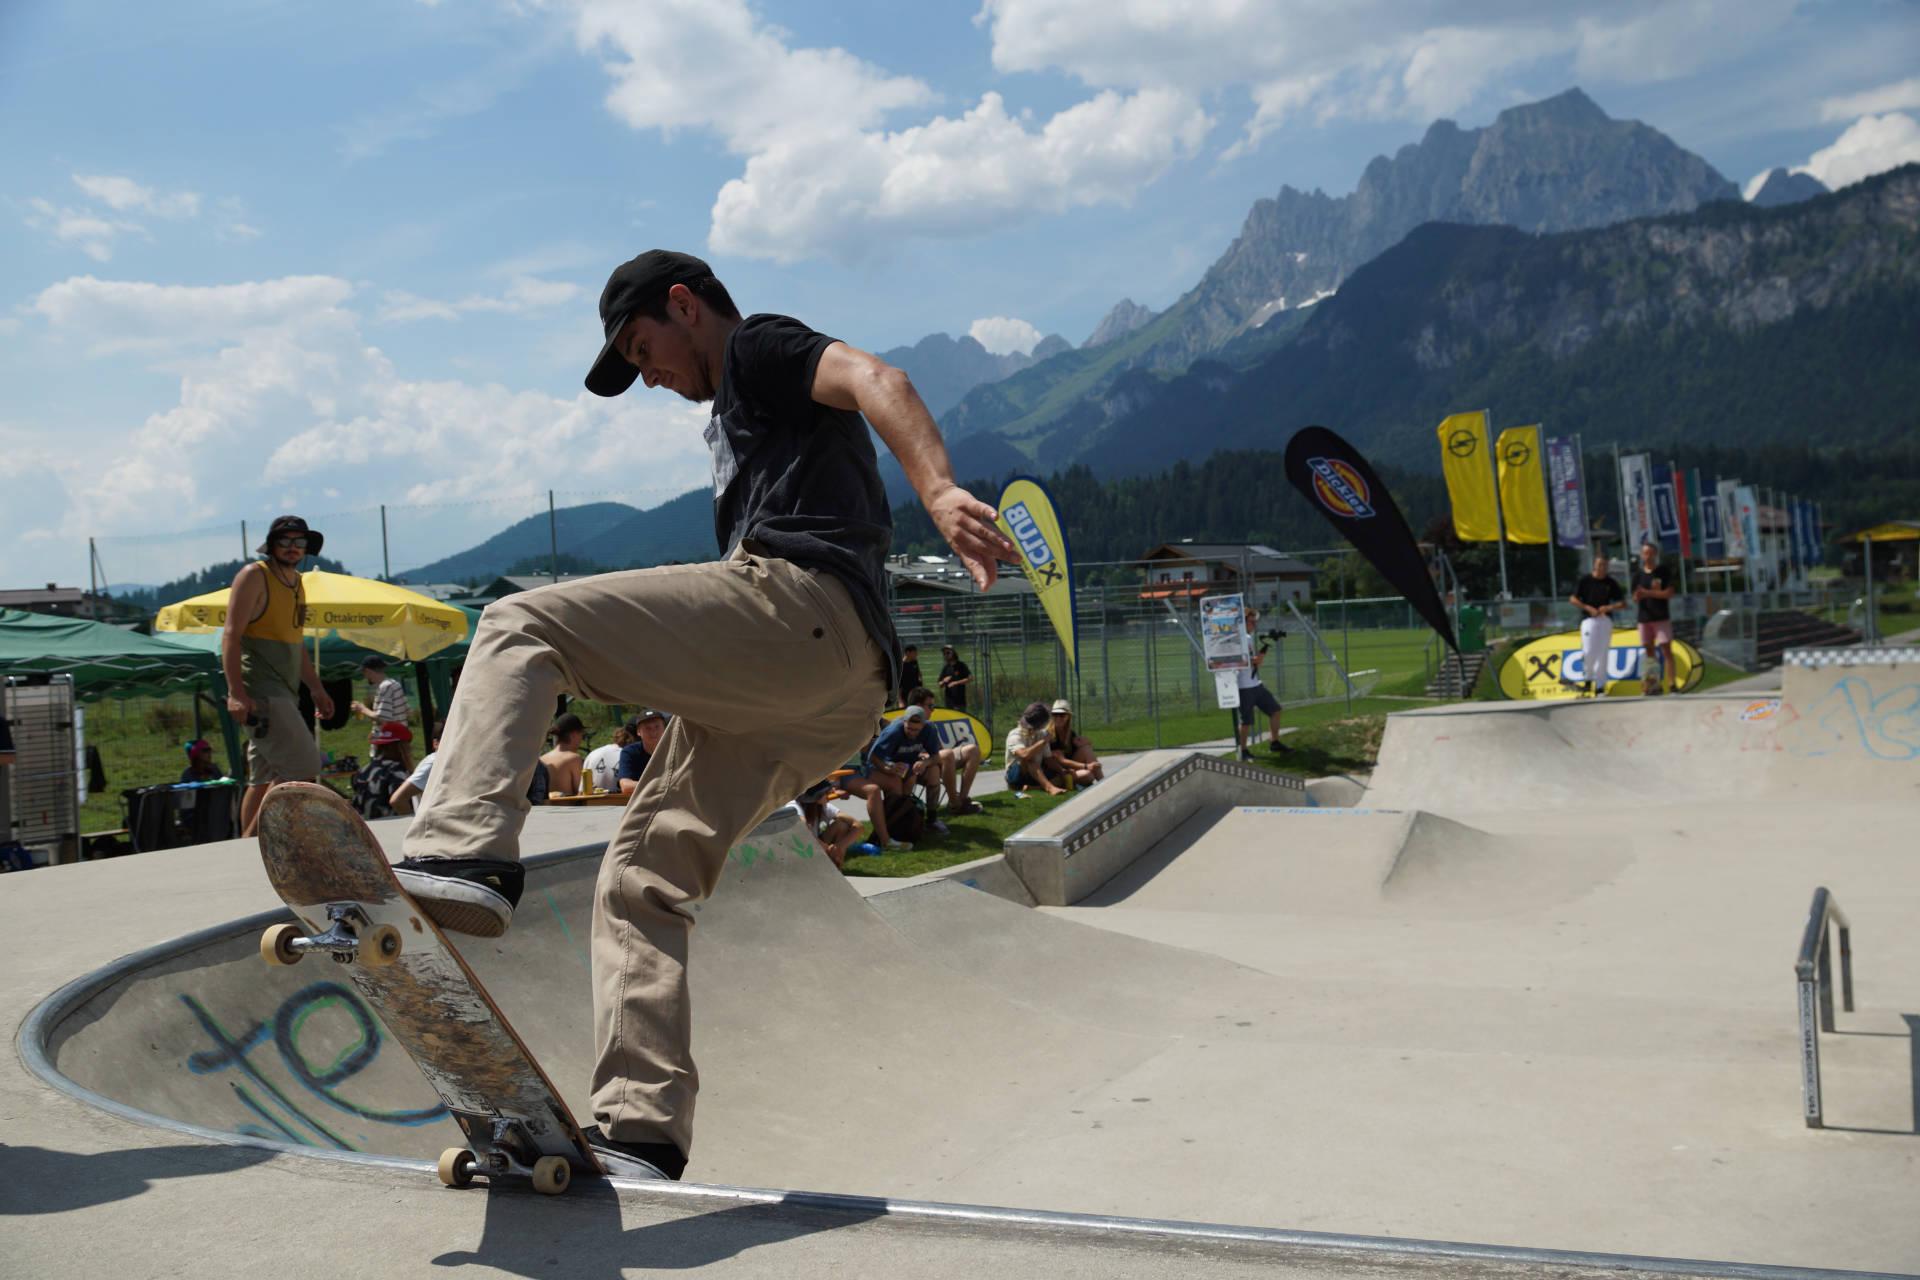 skateboardheadz st johann in tirol kgt 2019 finale 00012